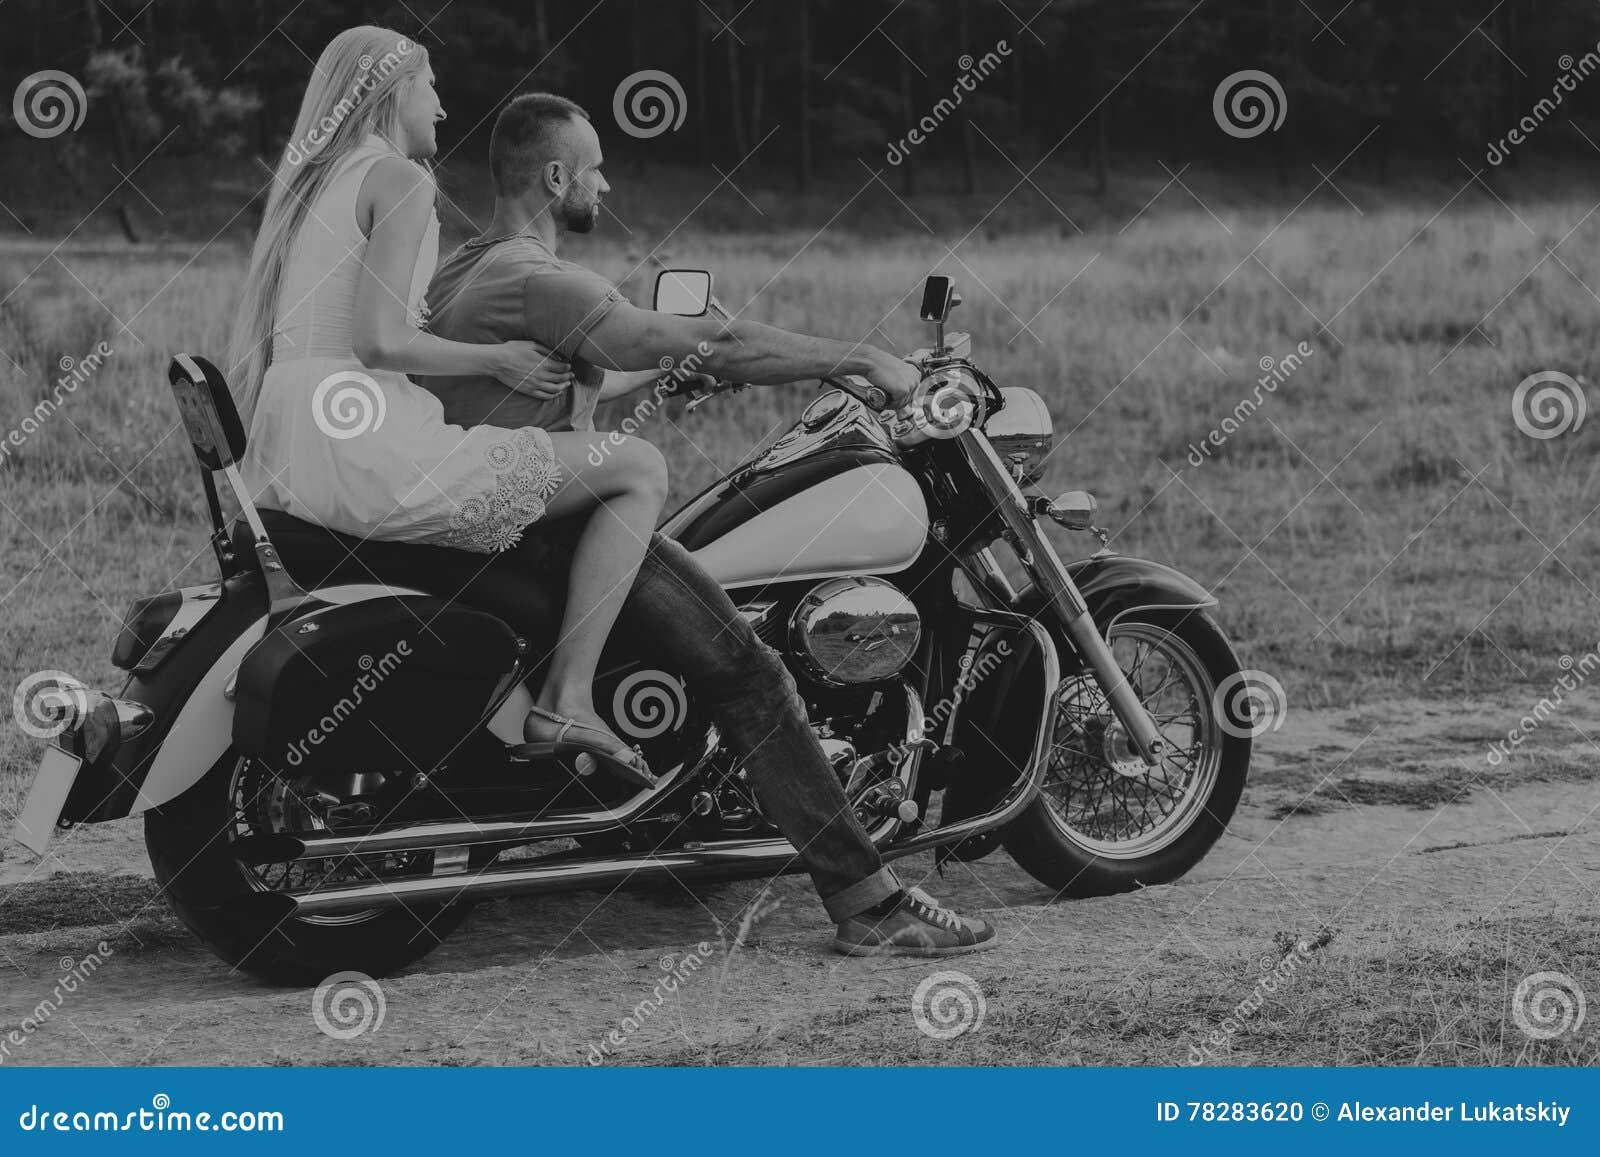 познакомлюсь с девушкой на мотоцикле